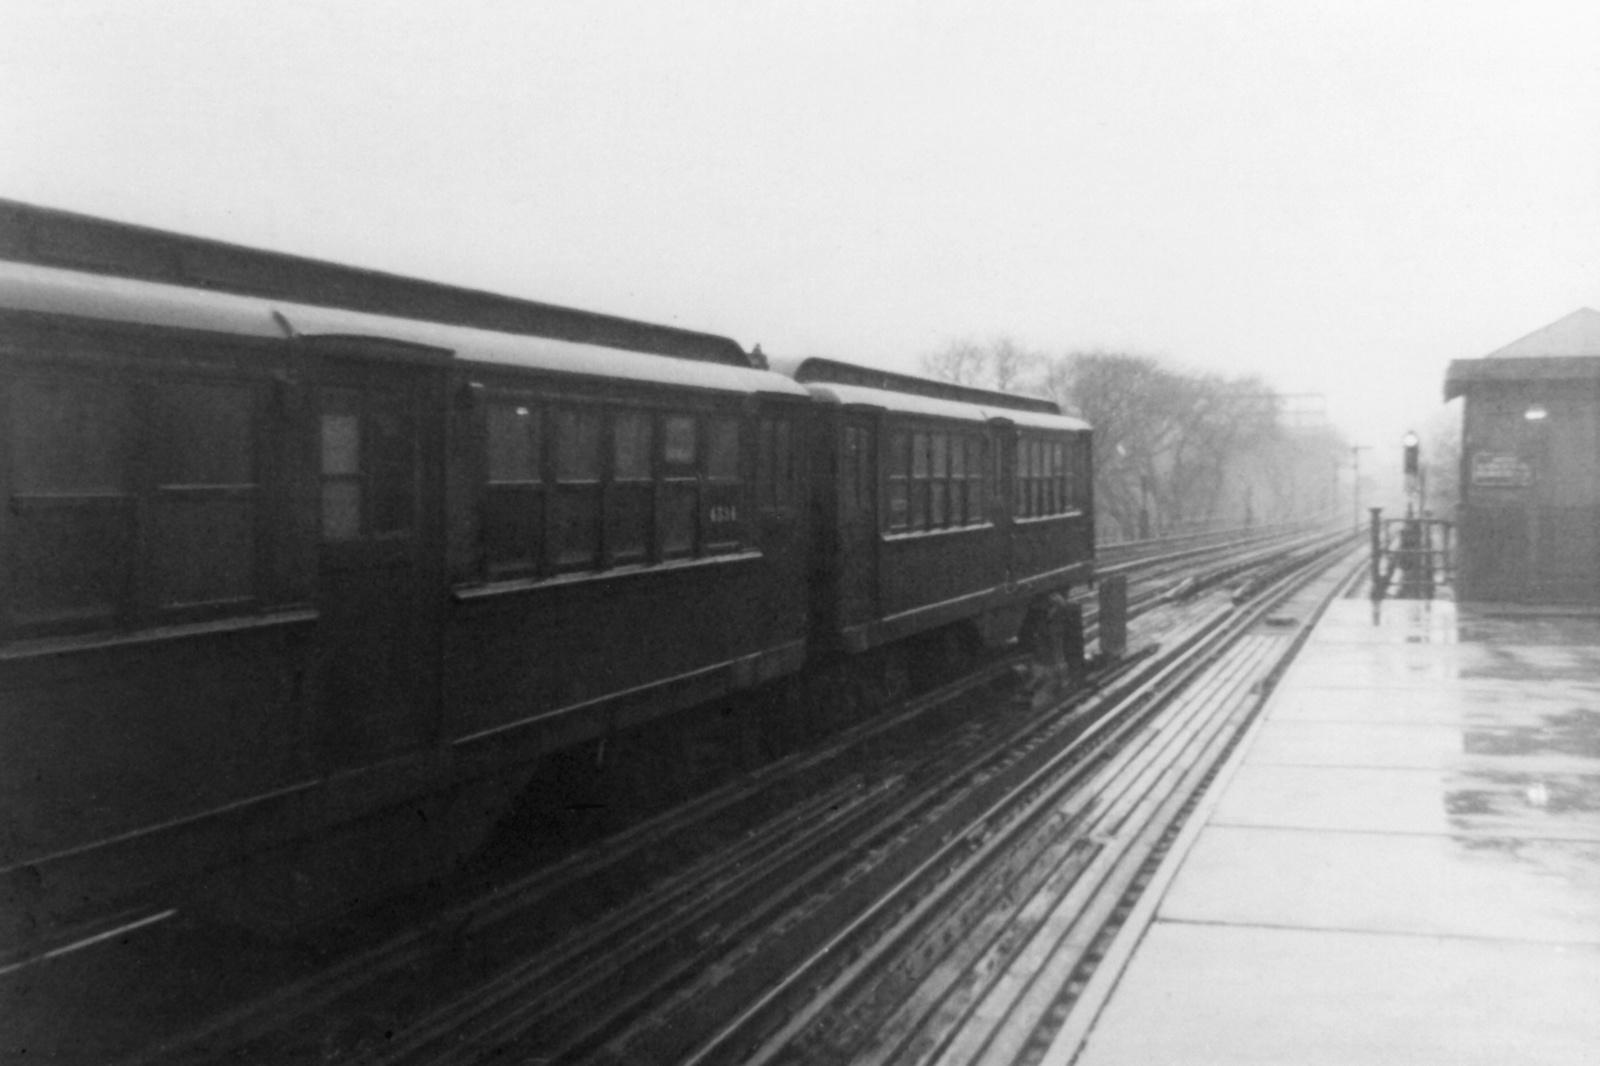 (303k, 1600x1066)<br><b>Country:</b> United States<br><b>City:</b> New York<br><b>System:</b> New York City Transit<br><b>Line:</b> IRT Woodlawn Line<br><b>Location:</b> Kingsbridge Road <br><b>Car:</b> Low-V 4536 <br><b>Collection of:</b> Nicholas Fabrizio<br><b>Viewed (this week/total):</b> 19 / 104